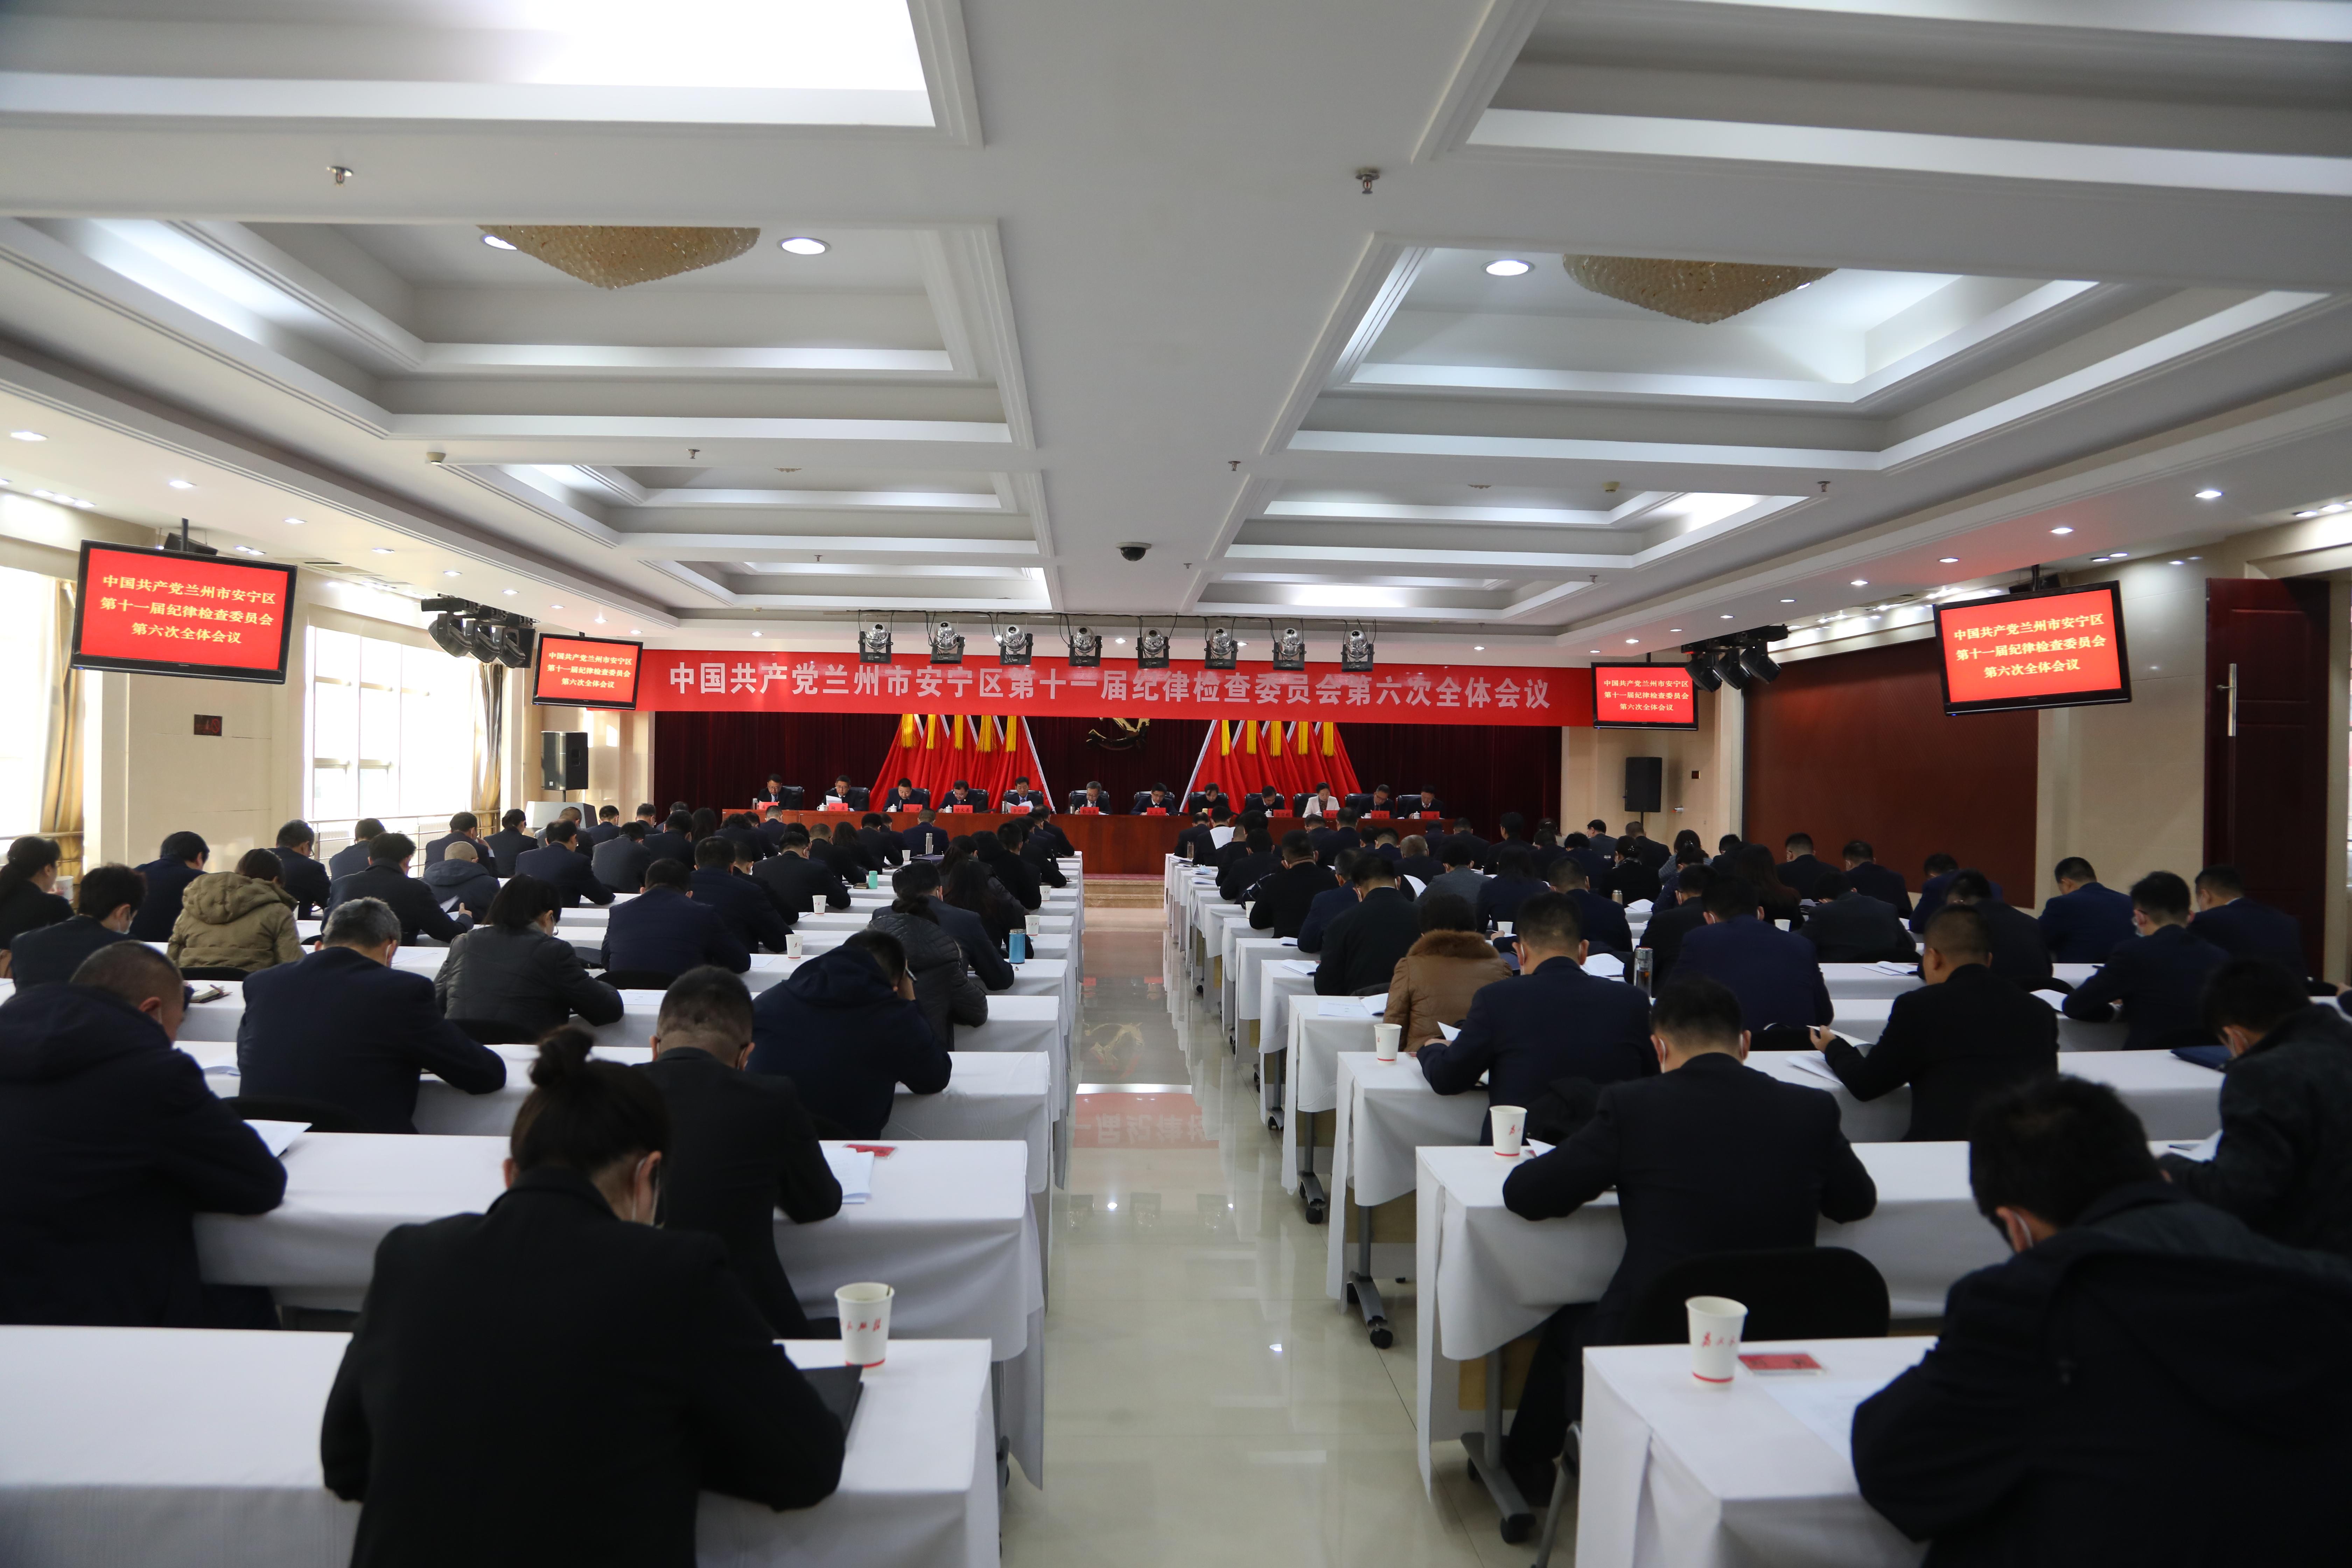 【精致兰州 品质安宁】中国共产党兰州市安宁区第十一届纪律检查委员会第六次全体会议召开